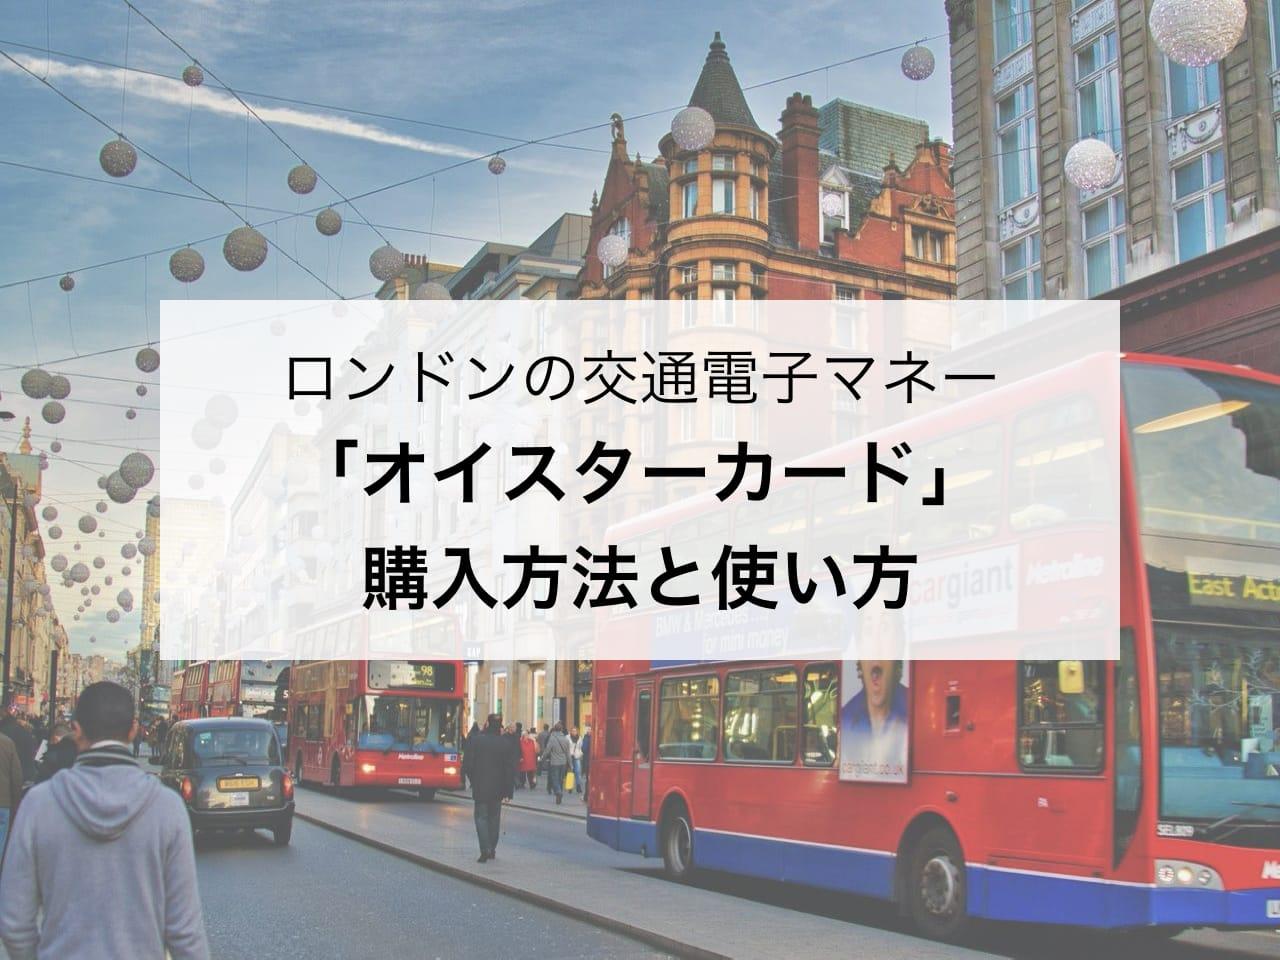 ロンドンの交通電子マネー「オイスターカード」の購入方法と使い方